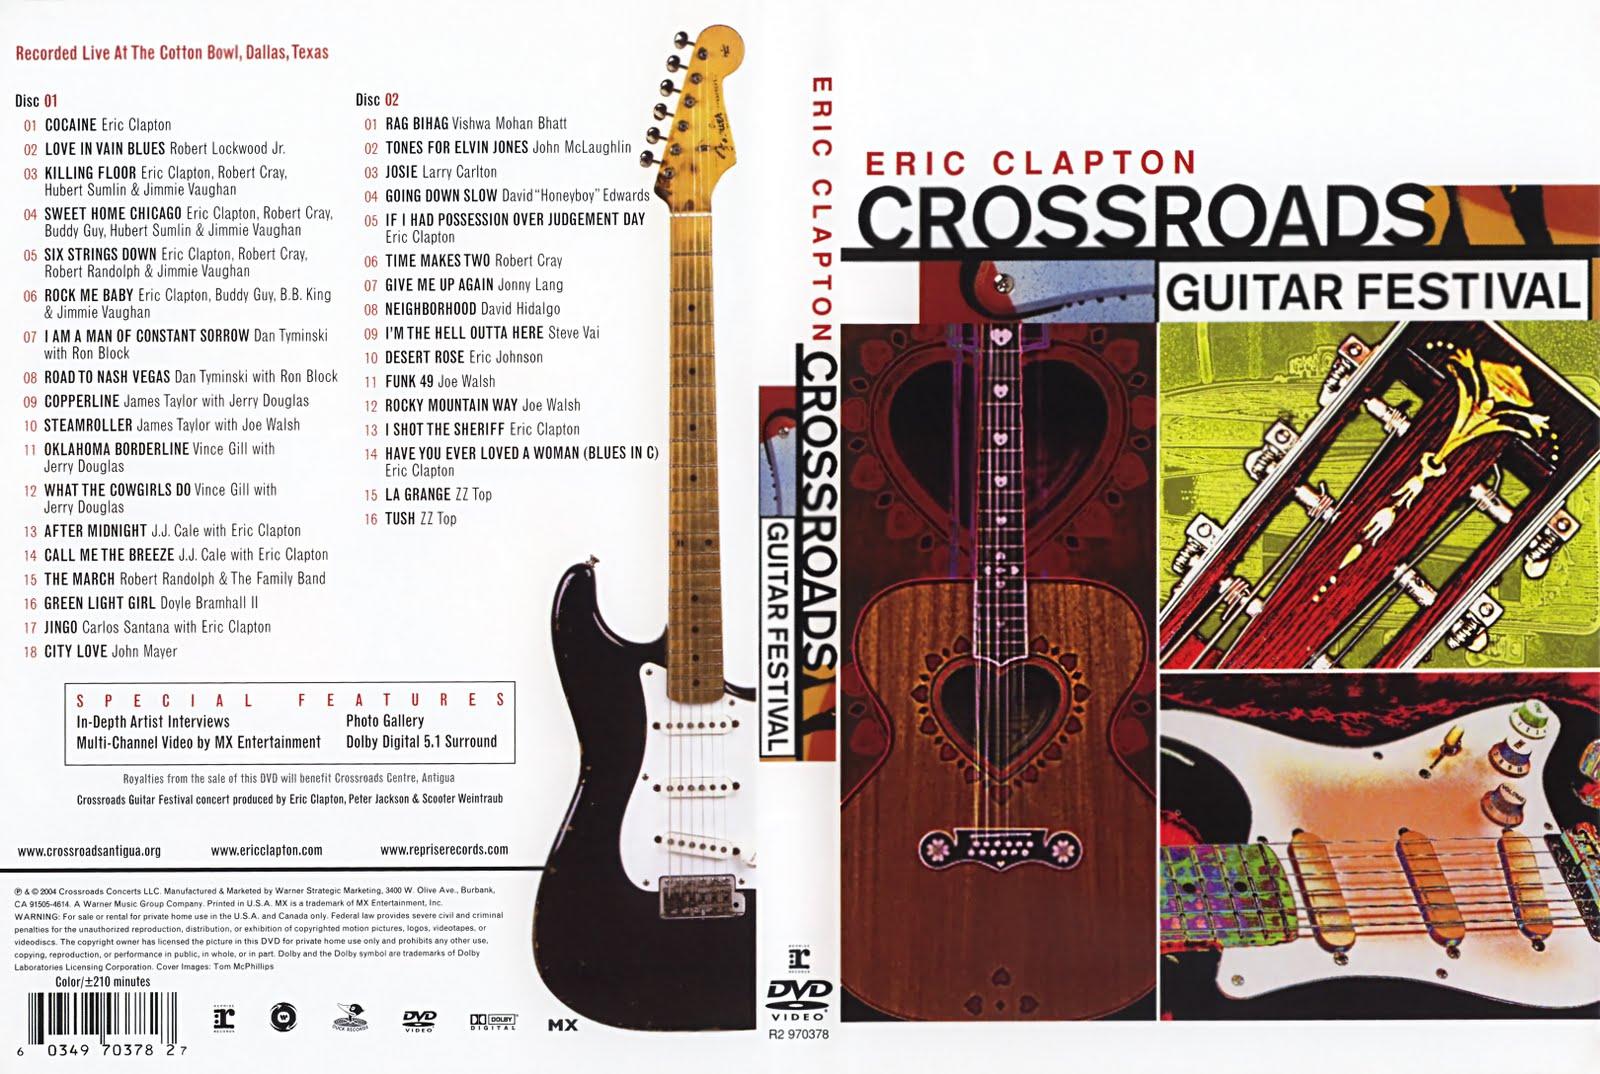 http://3.bp.blogspot.com/_se0zHB8H7oU/S_MUwcvM4WI/AAAAAAAACfo/LJ8HhcSGepU/s1600/Eric+Clapton+-+Crossroads+Guitar+Festival+-+Cover.jpg